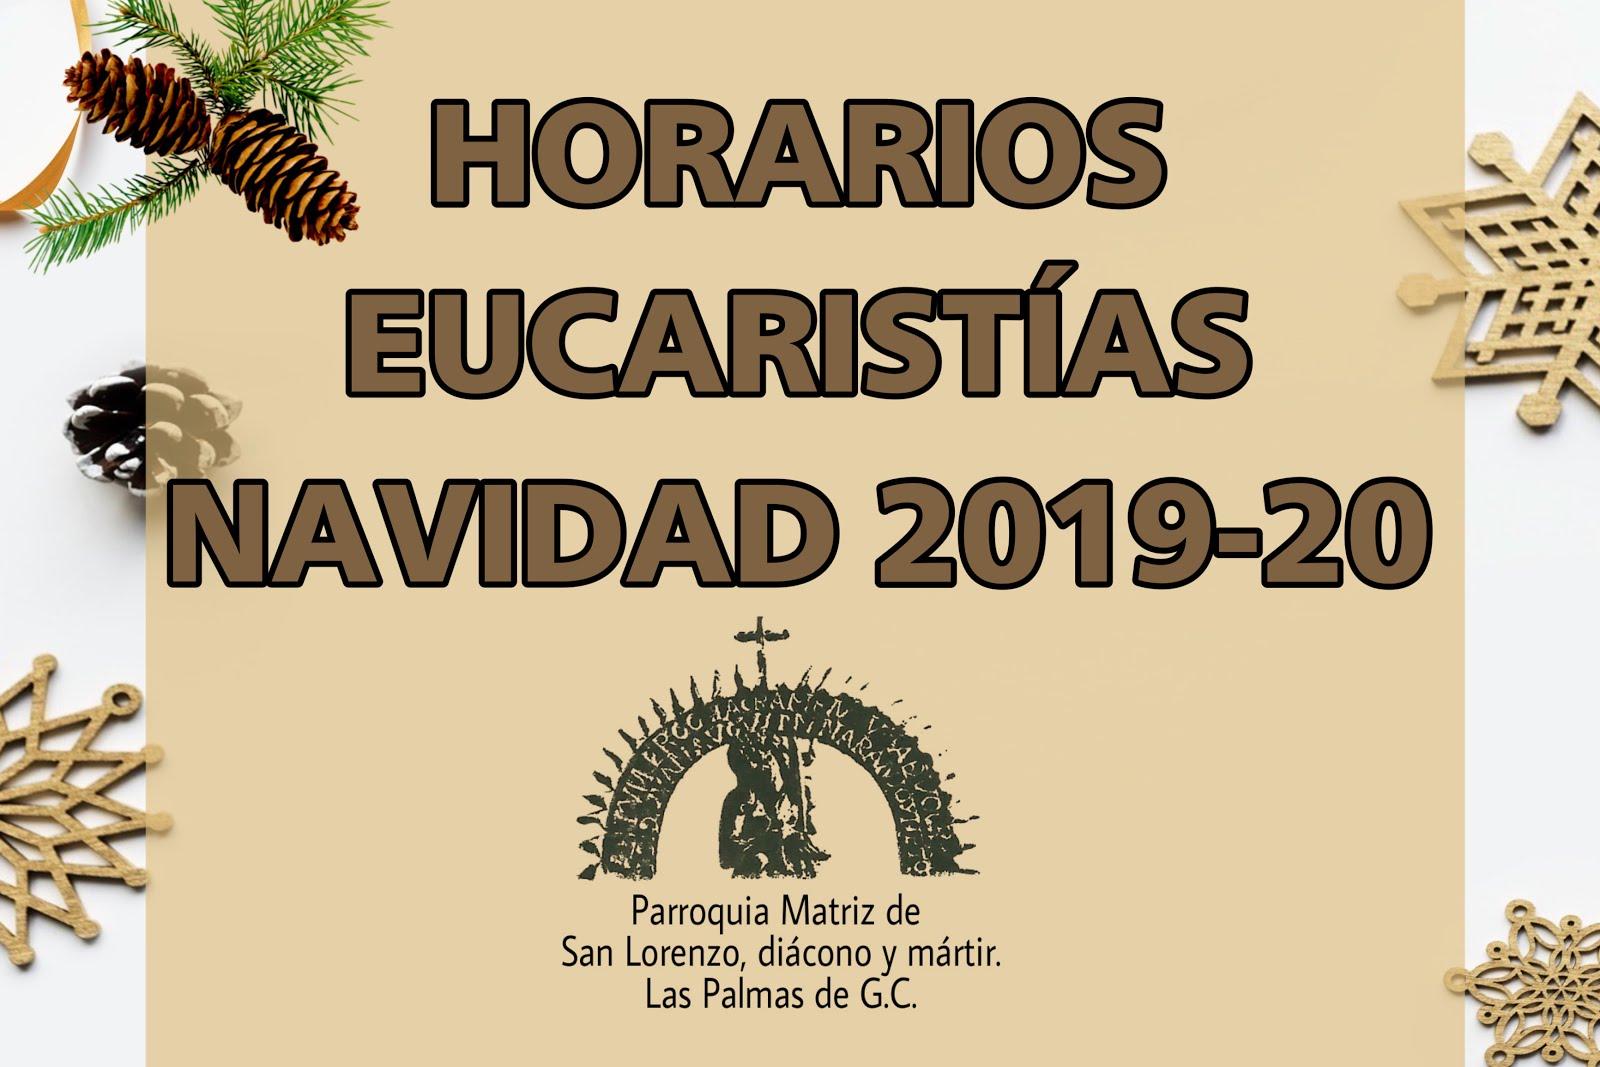 Eucaristías Navidad 2019-20